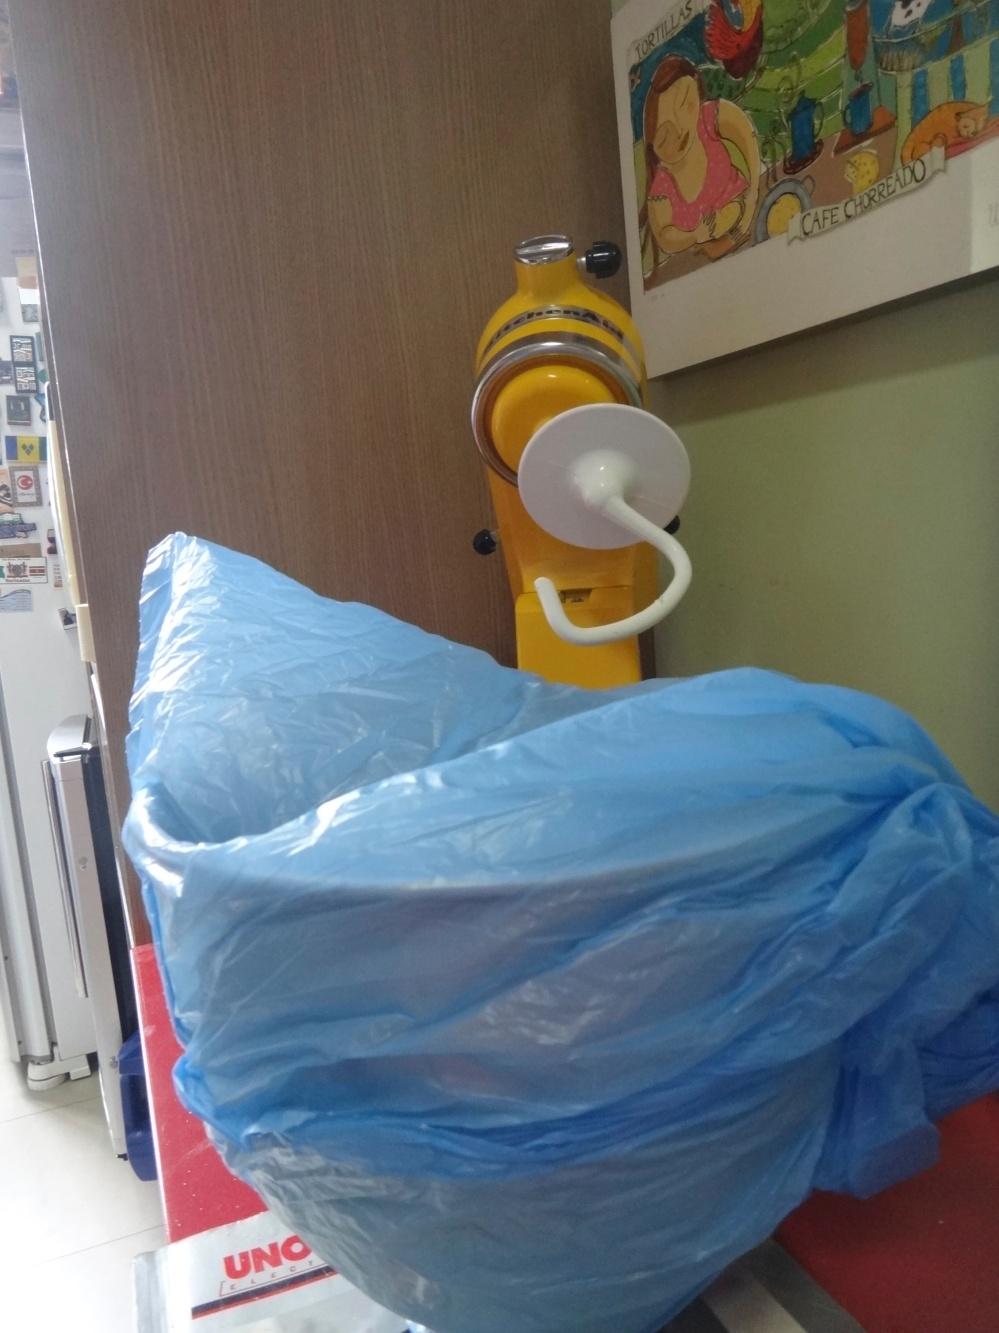 Coloco a vasilha toda no saco para crescer. Aproveito o saco, se quero congelar a massa!